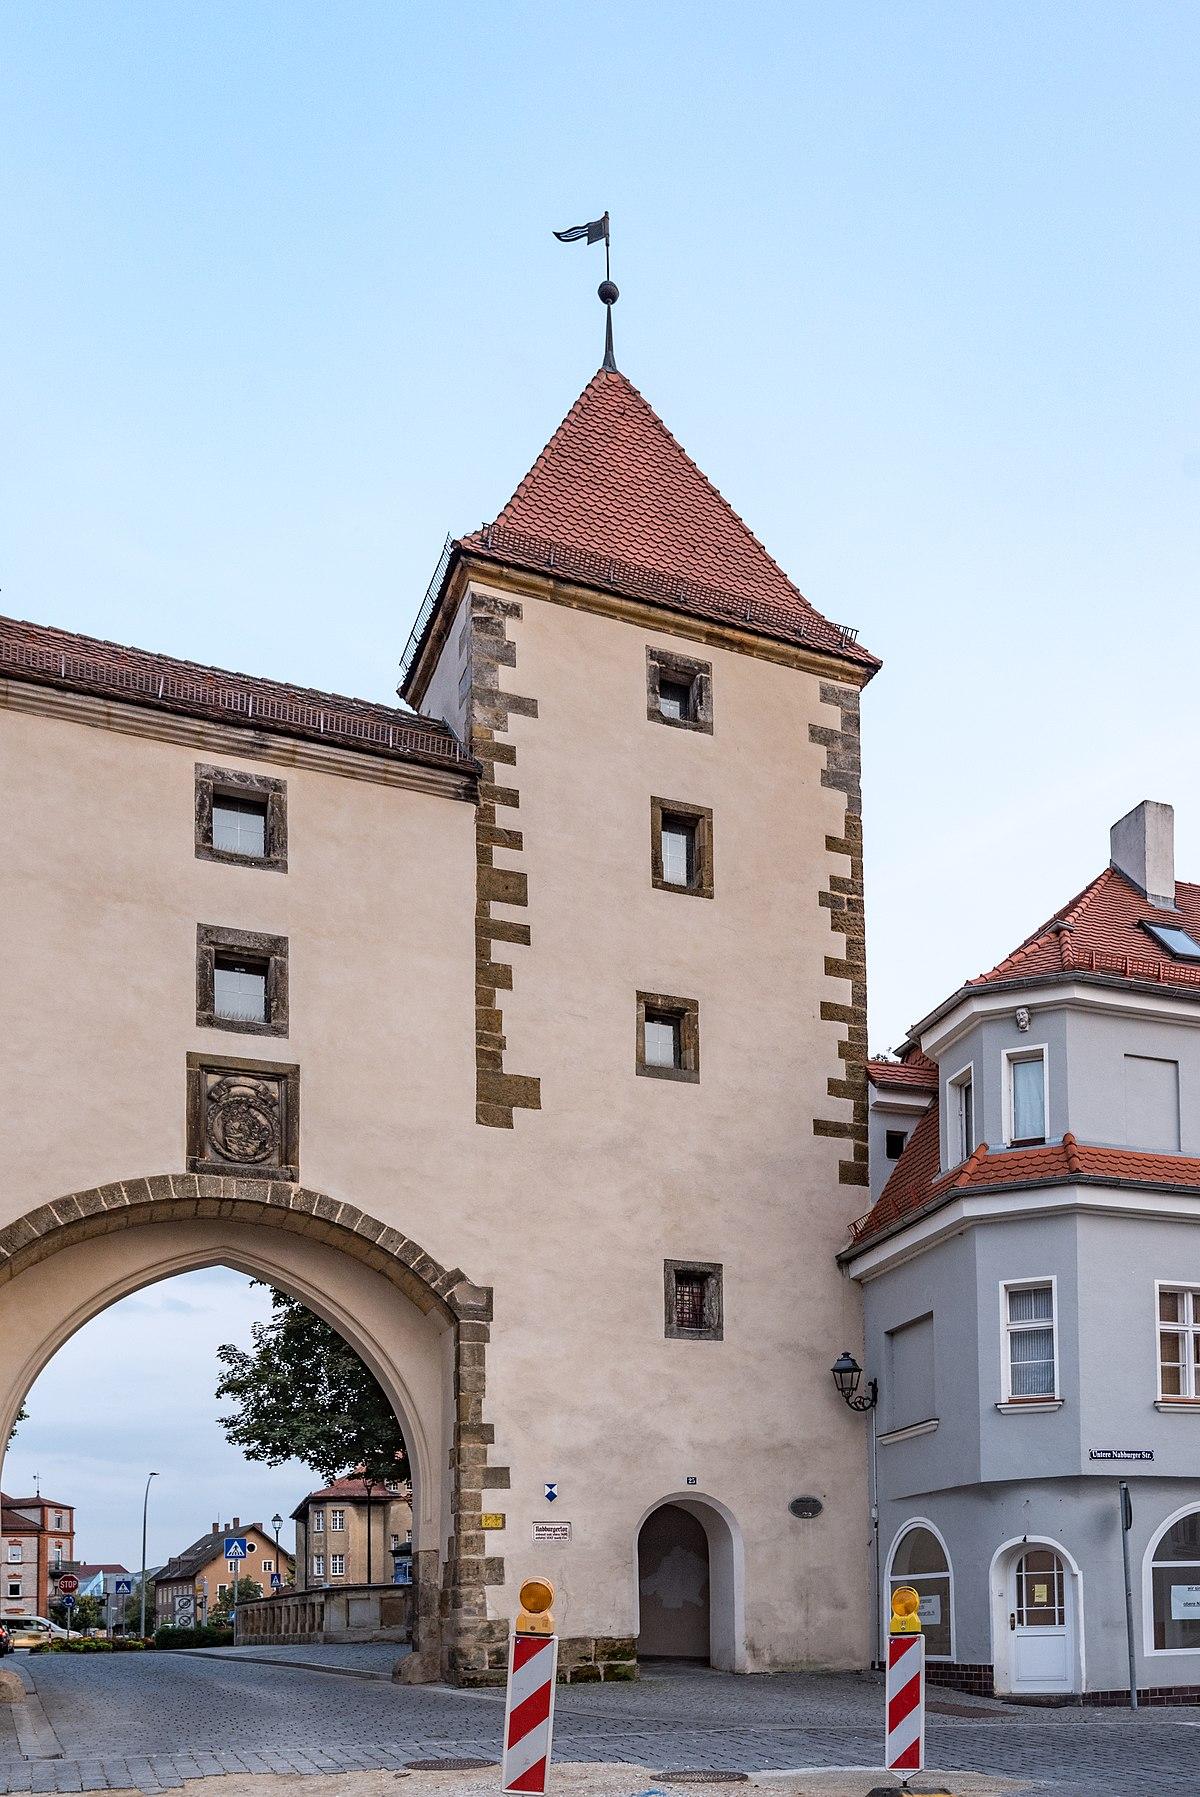 File:Amberg, Stadtbefestigung, Hinter der Mauer 25